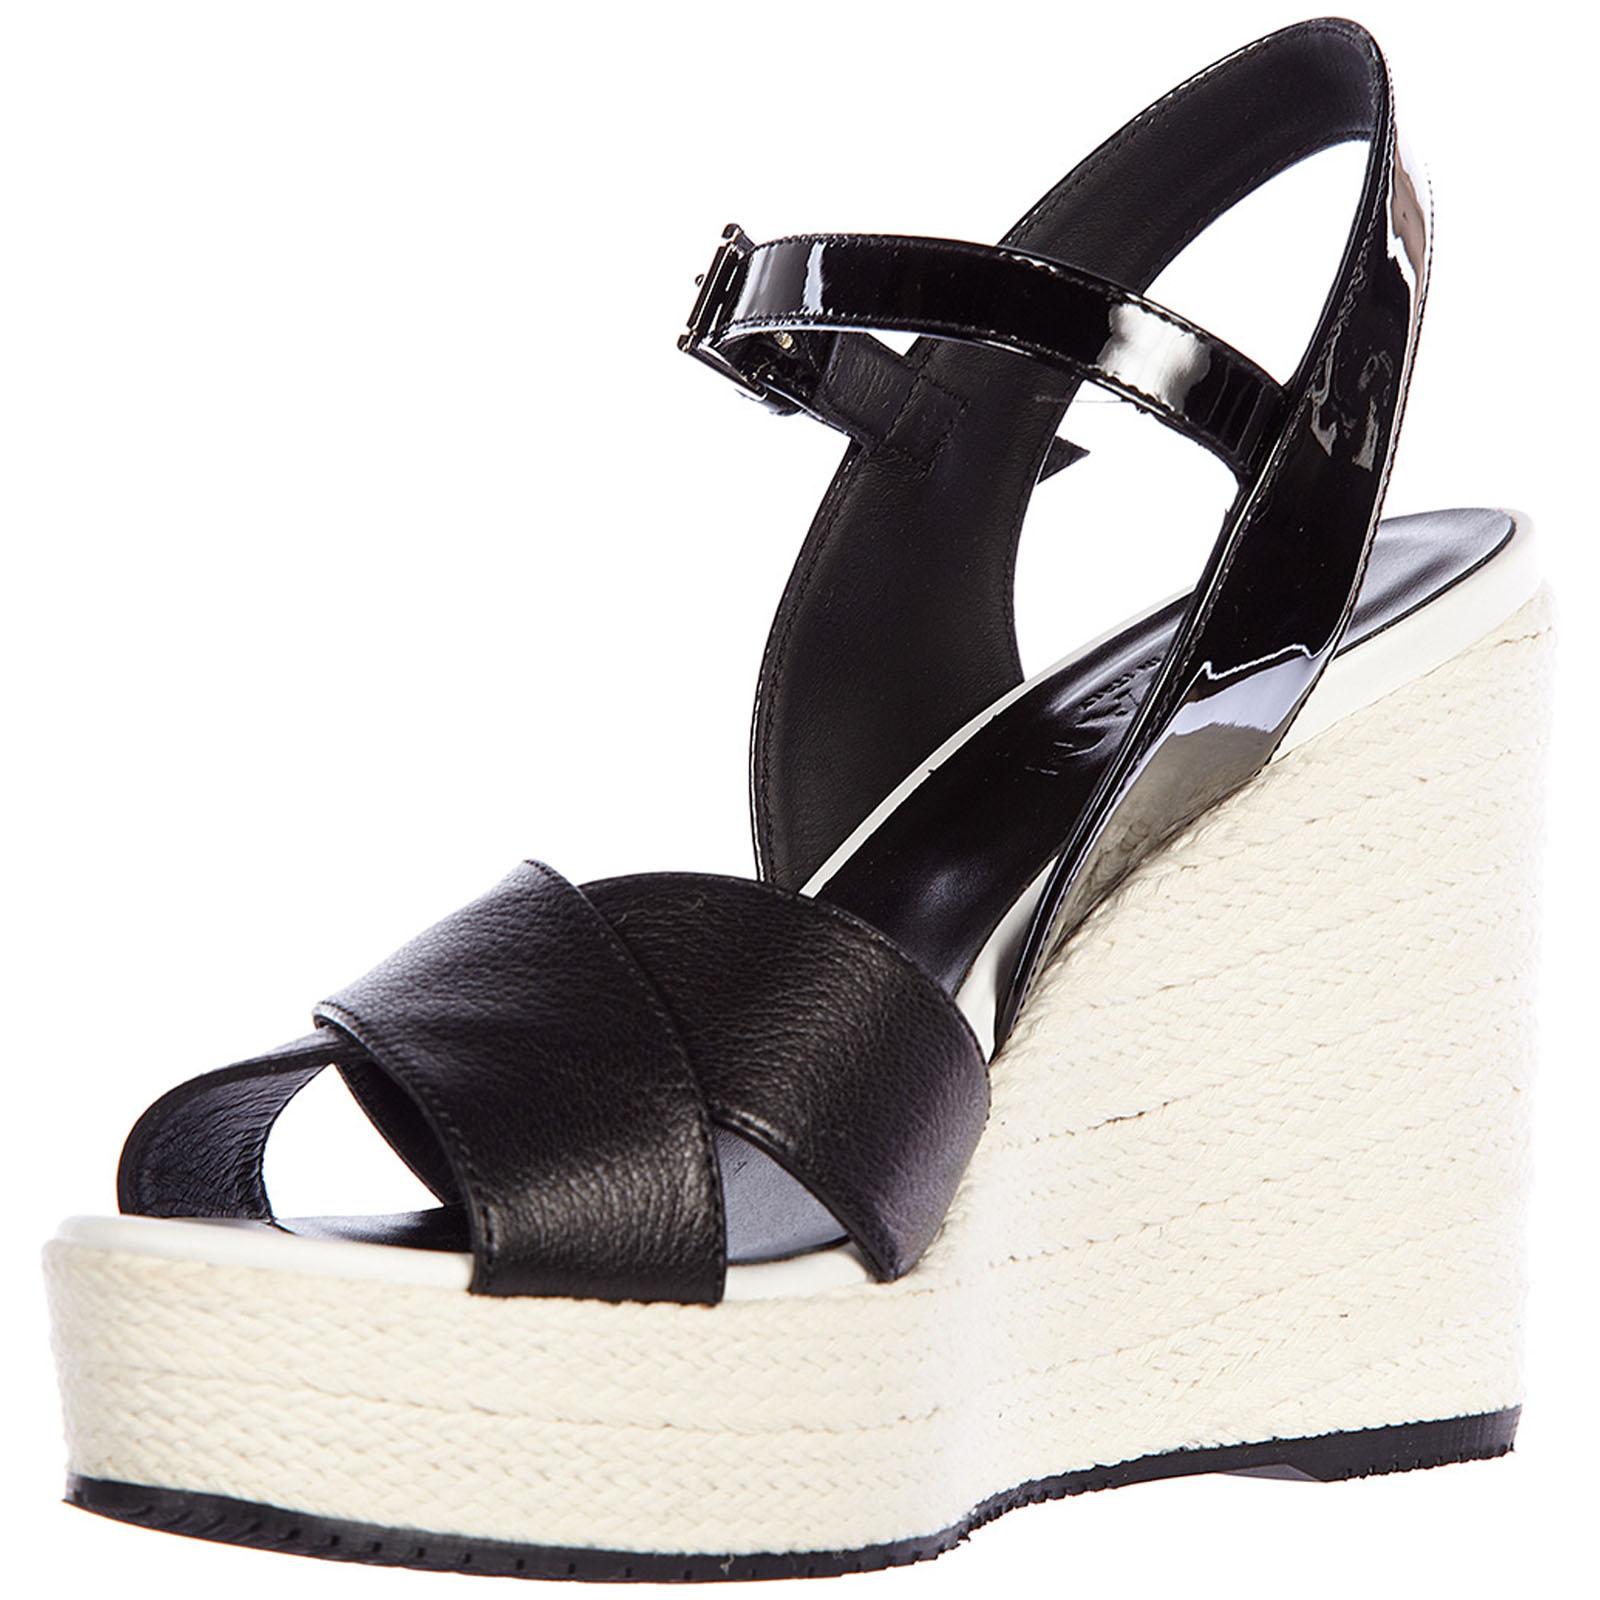 Zeppe sandali donna in pelle h263 vernice 5f6ZBuu3